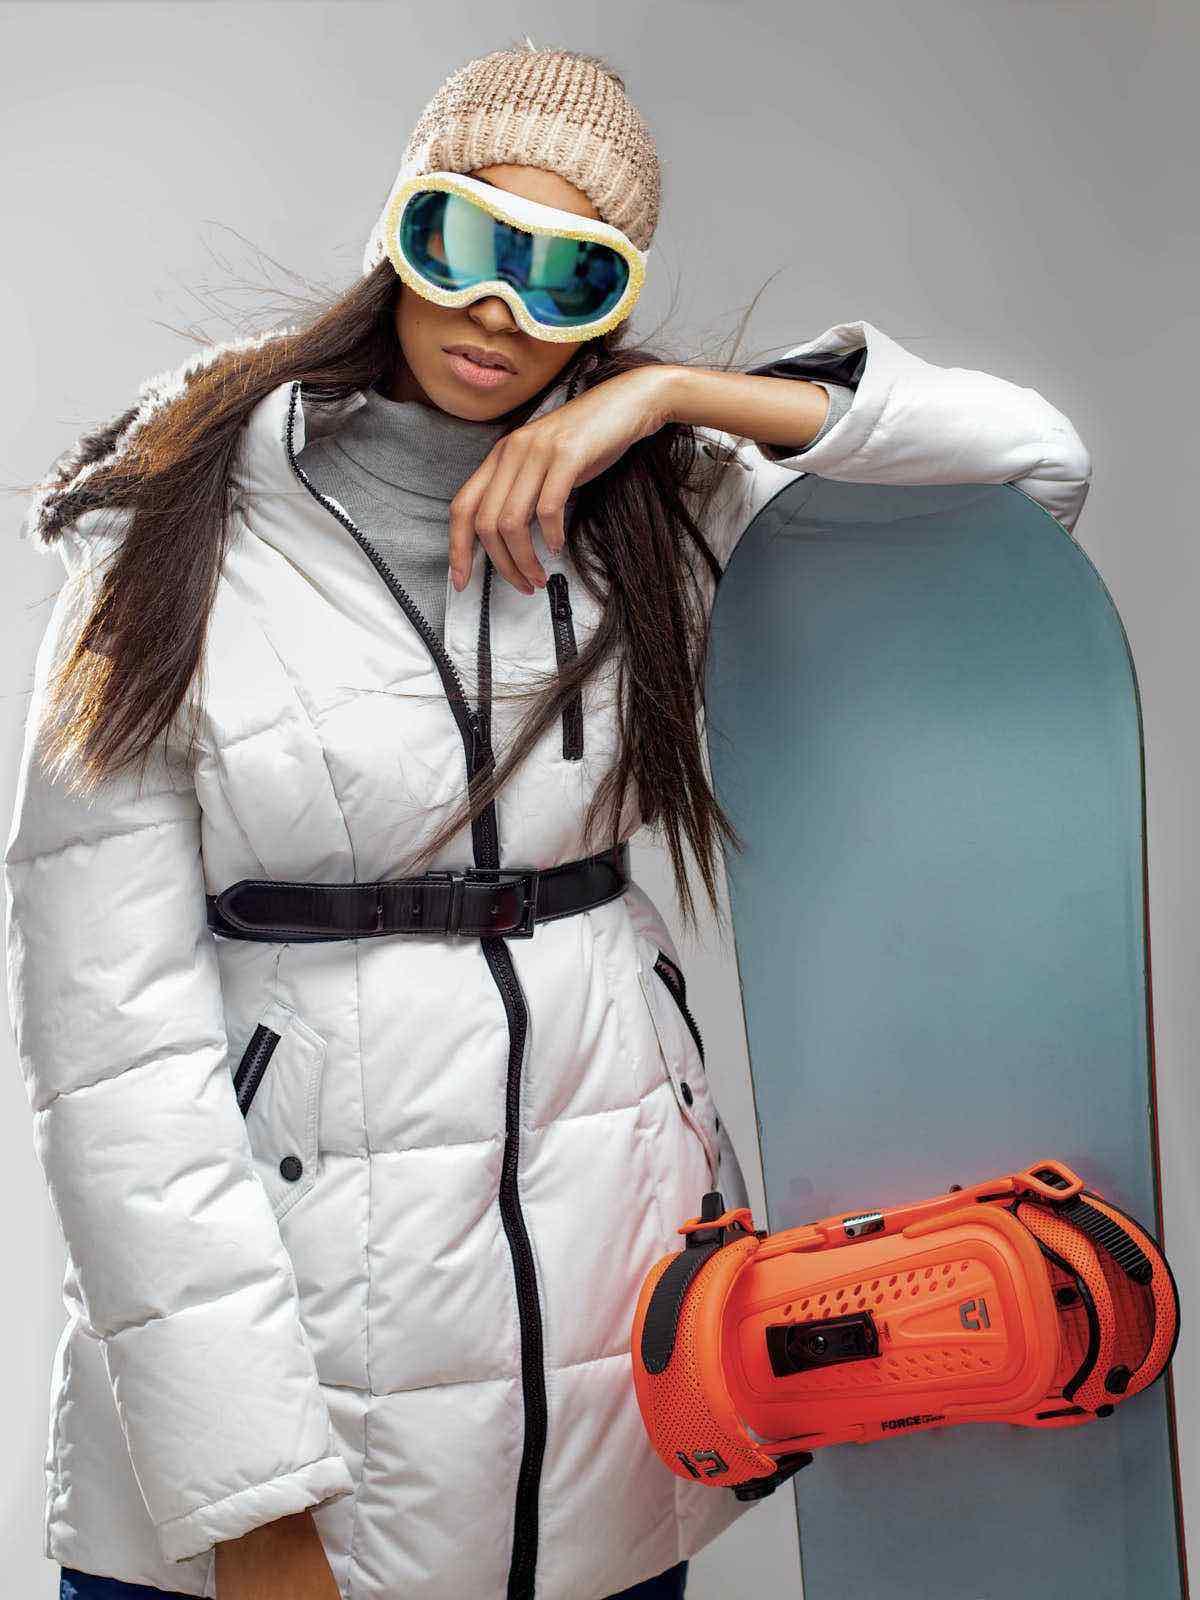 sce-agency-female-model-megan-m-13aa